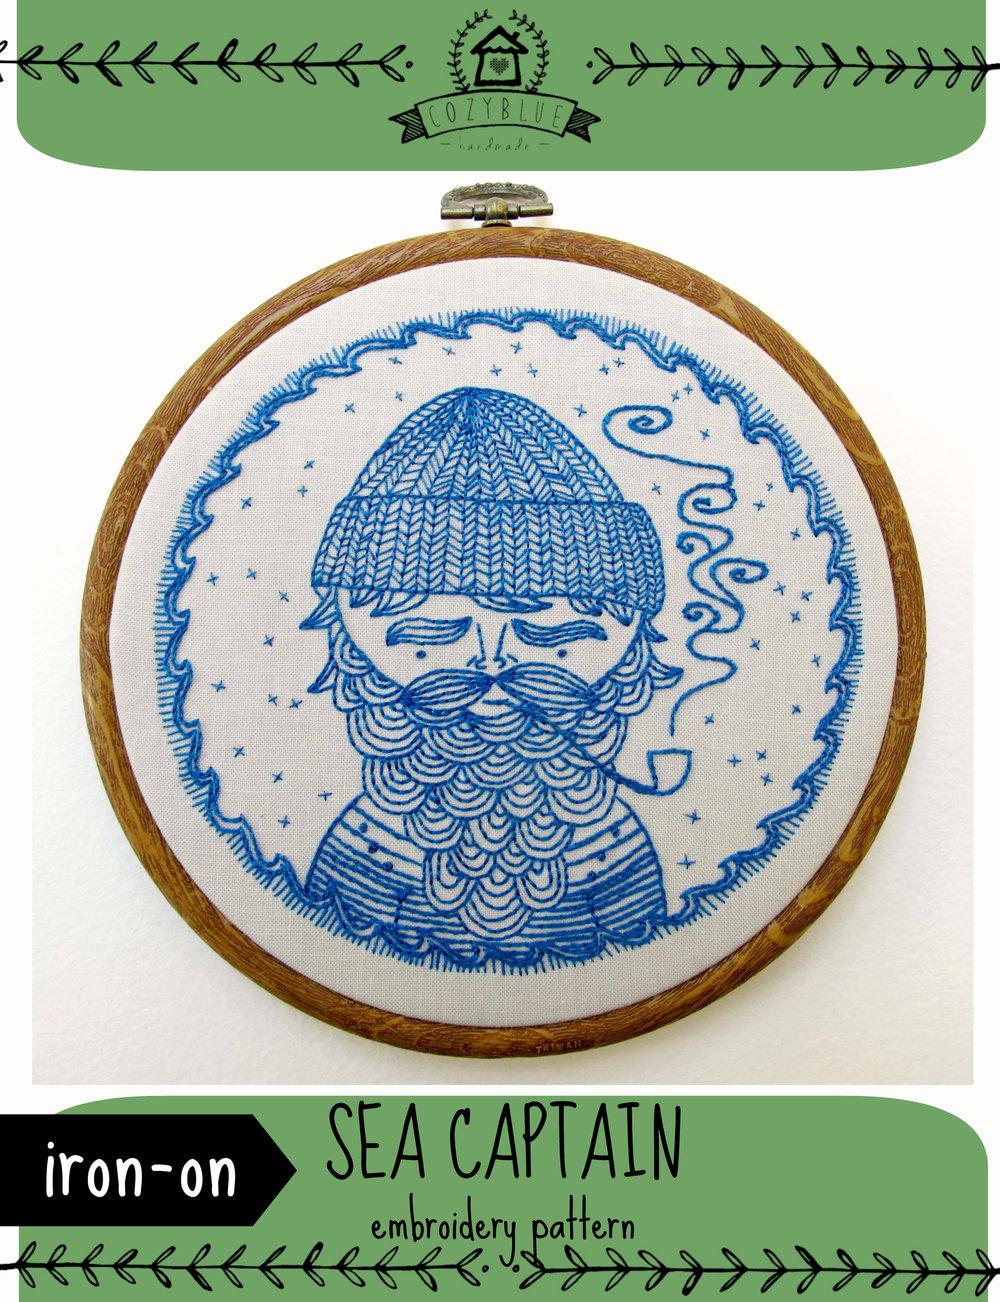 seacaptaincard1.jpg